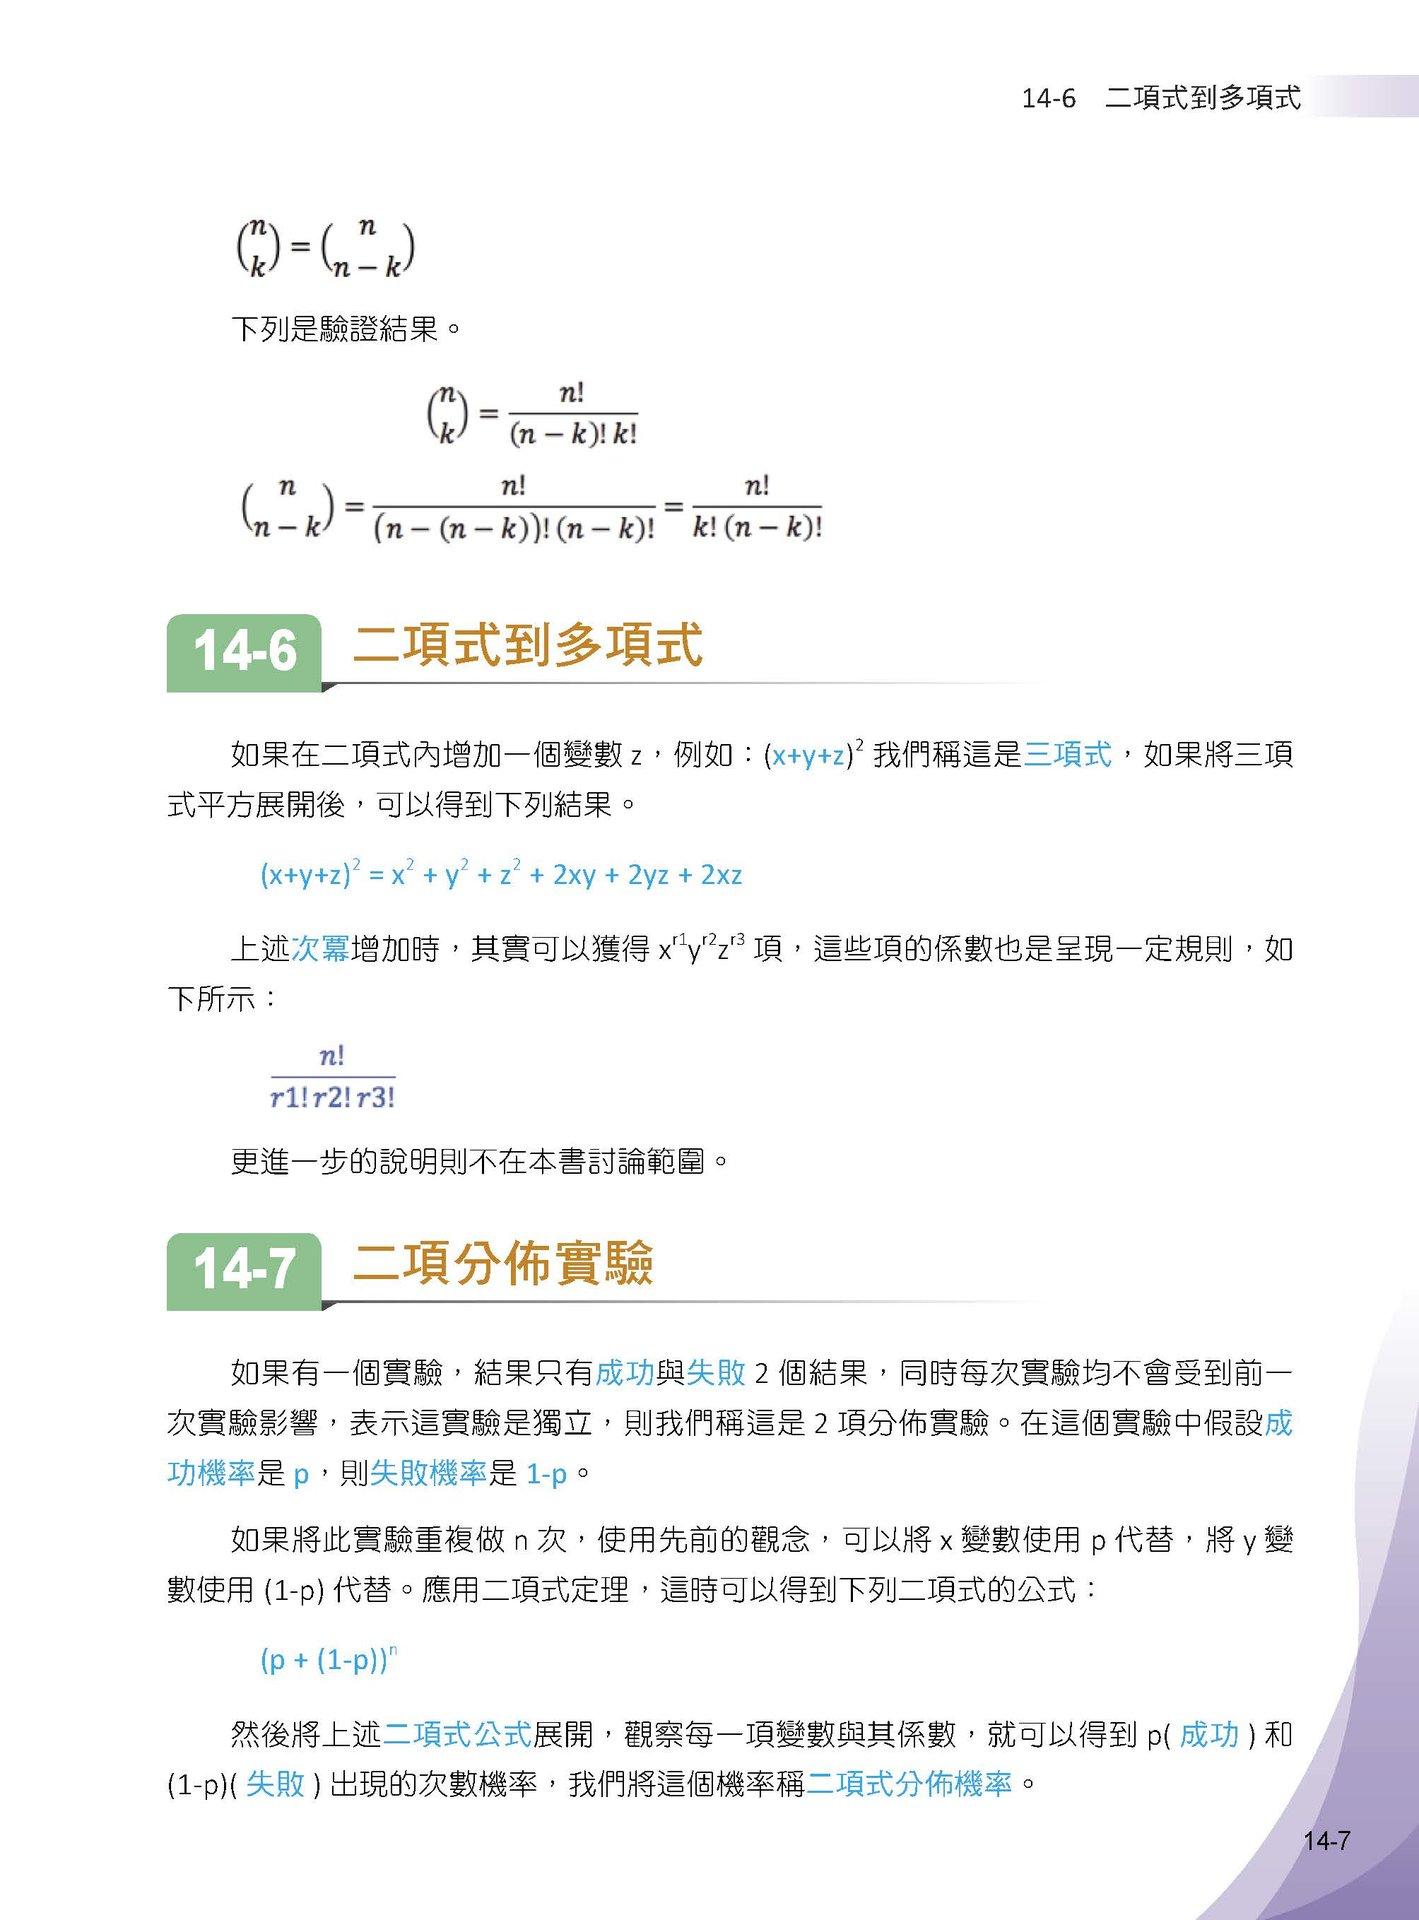 機器學習:彩色圖解 + 基礎數學篇 + Python 實作 -- 王者歸來, 2/e-preview-6